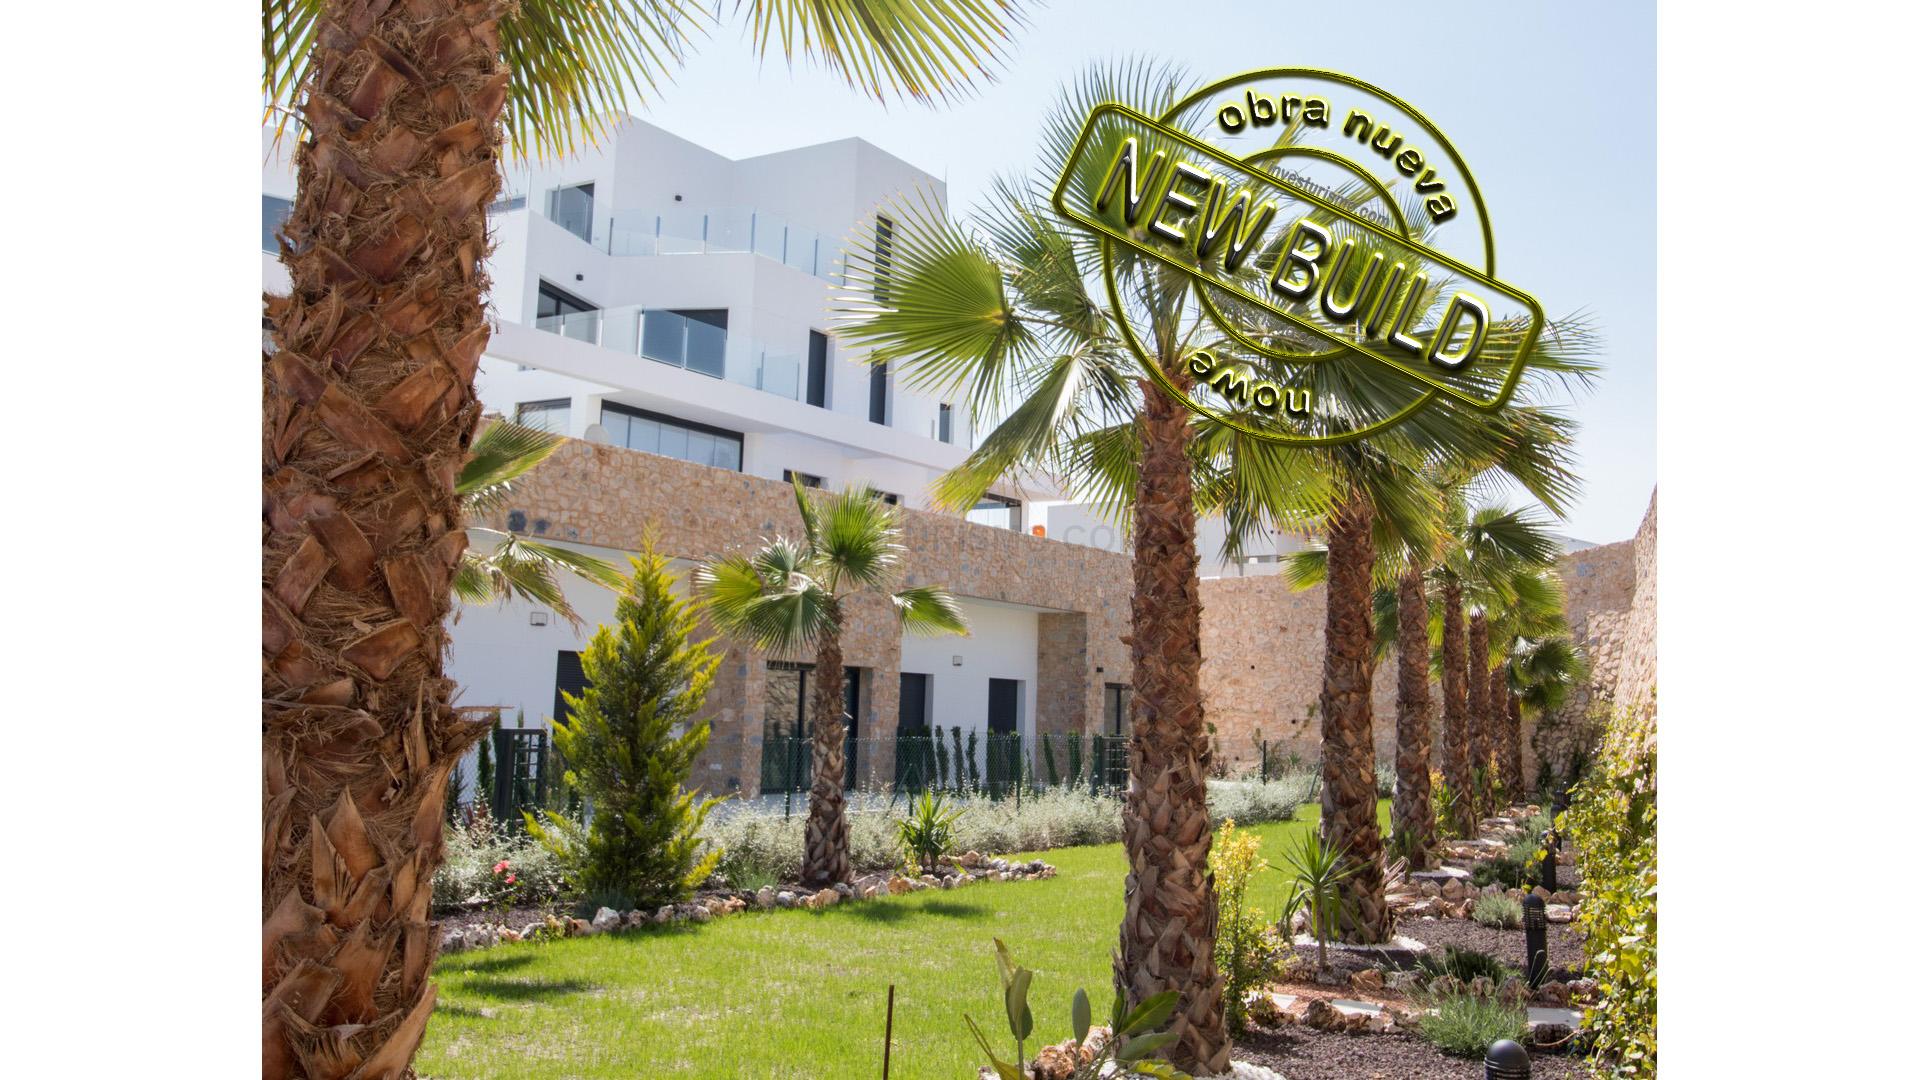 New Build townhouses 2-3 bedrooms in Orihuela Costa